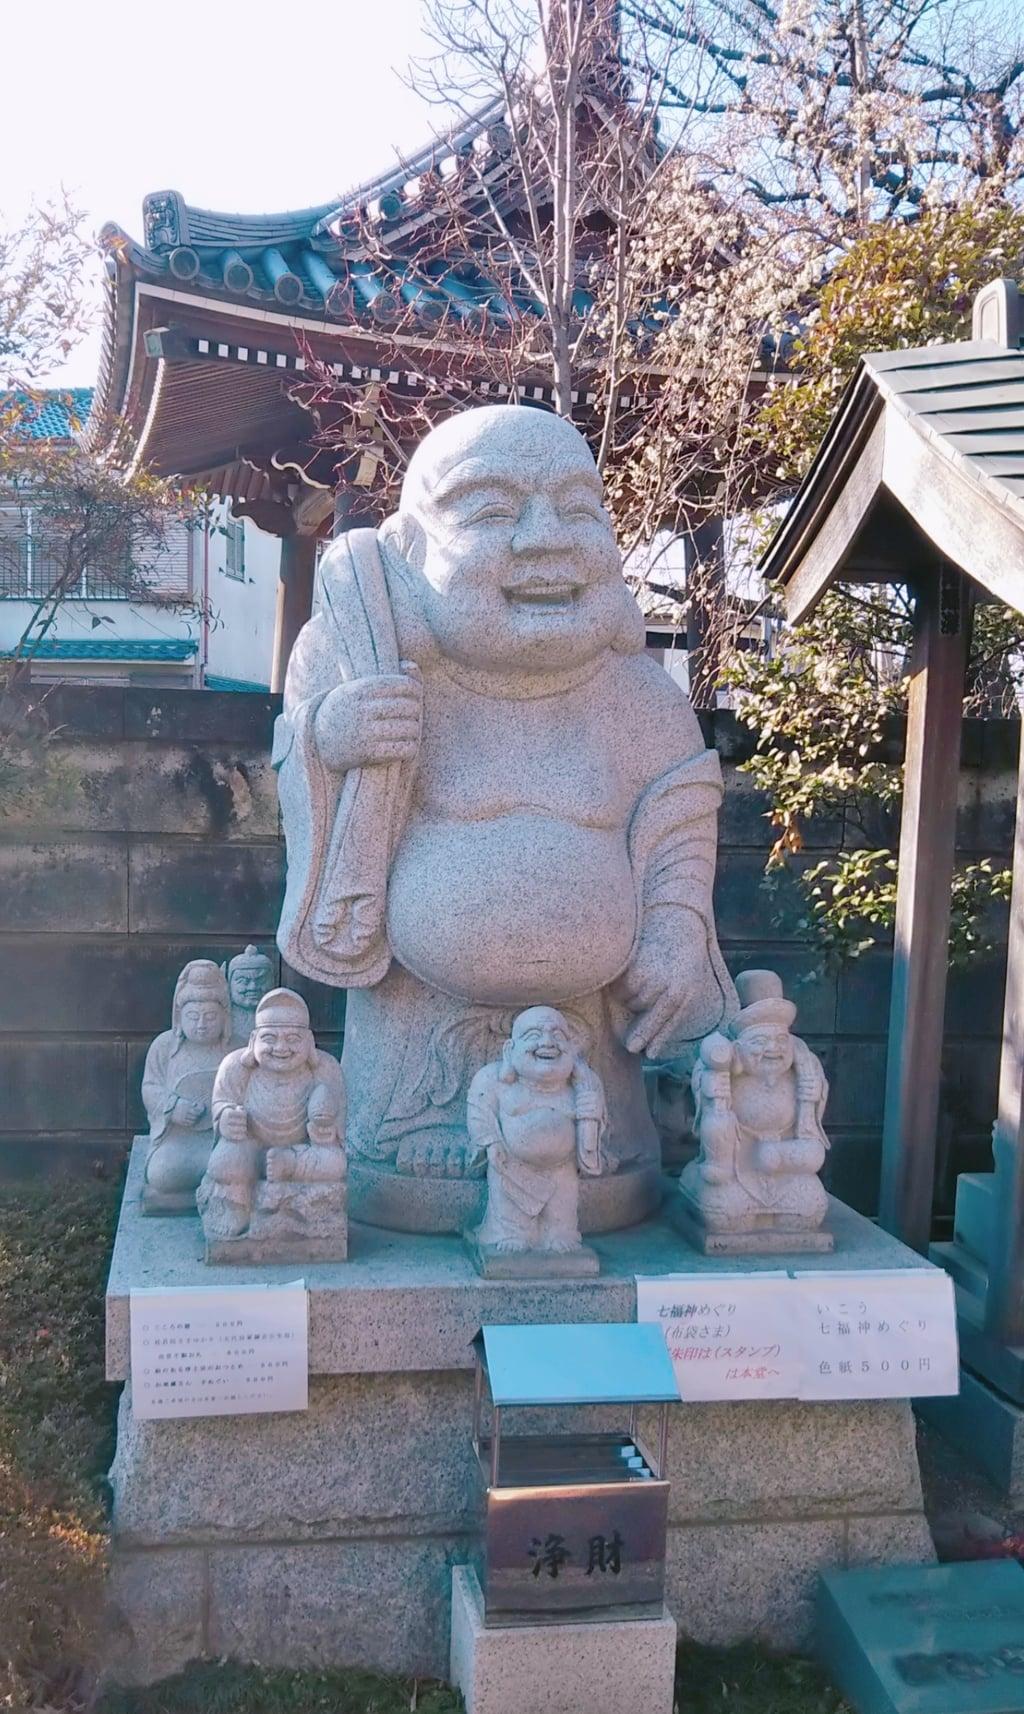 法受寺の仏像